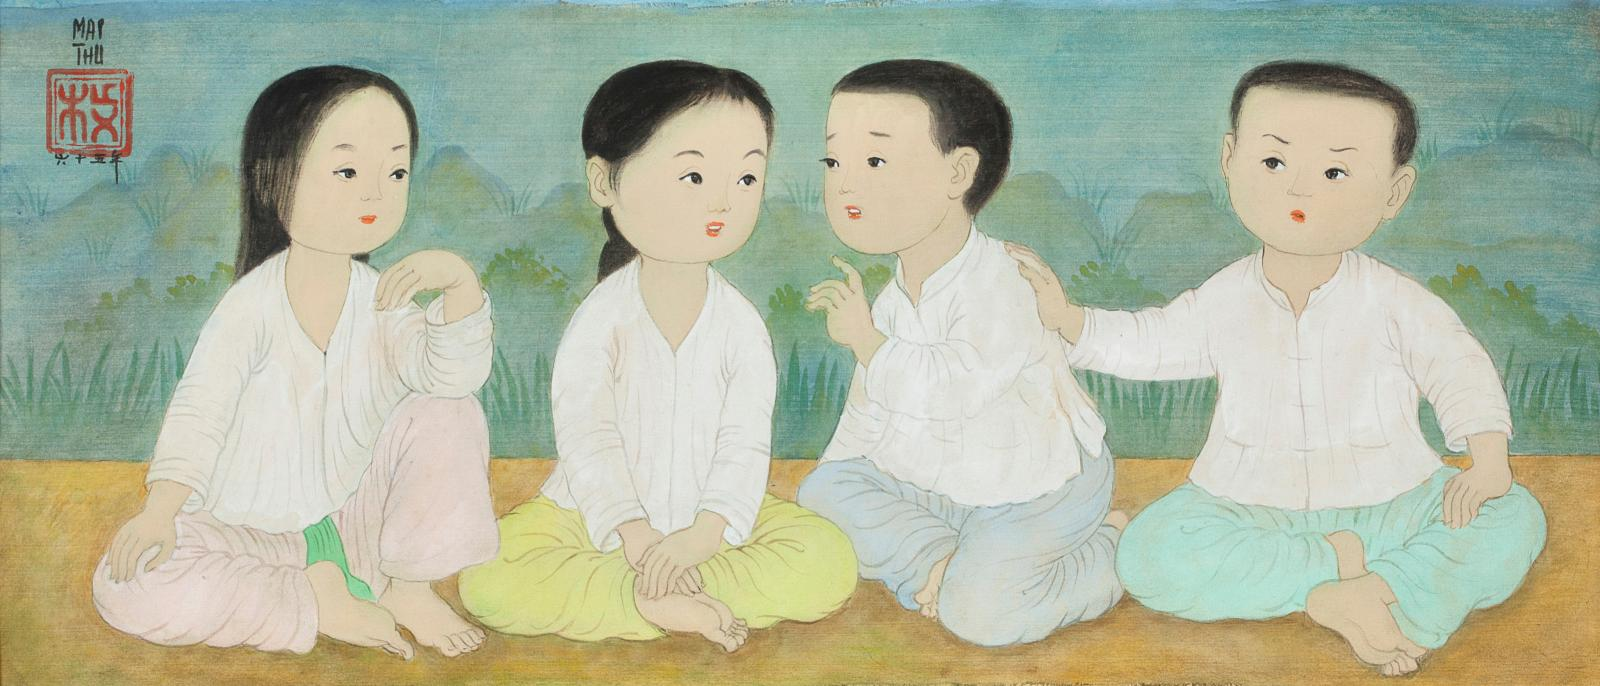 Cette vacation offrait un véritable festival Mai-Thu, avec six œuvres de l'artiste, dont quatre adjugées au-dessus de 100000€ (voir ci-d